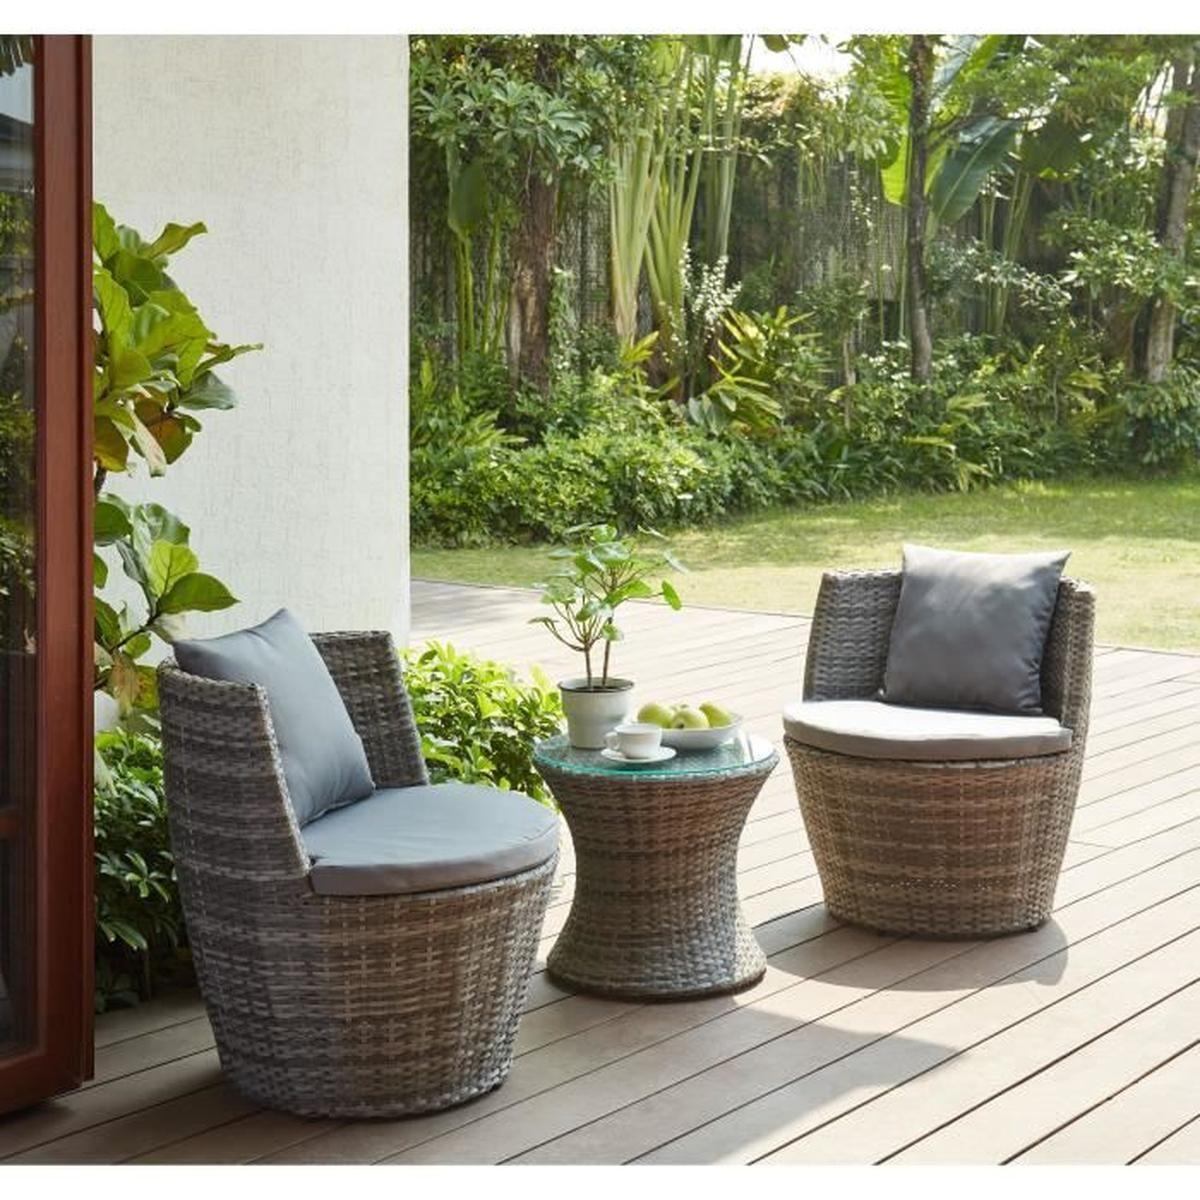 Salon De Jardin Pour Balcon encequiconcerne Petit Salon De Jardin Pour Balcon